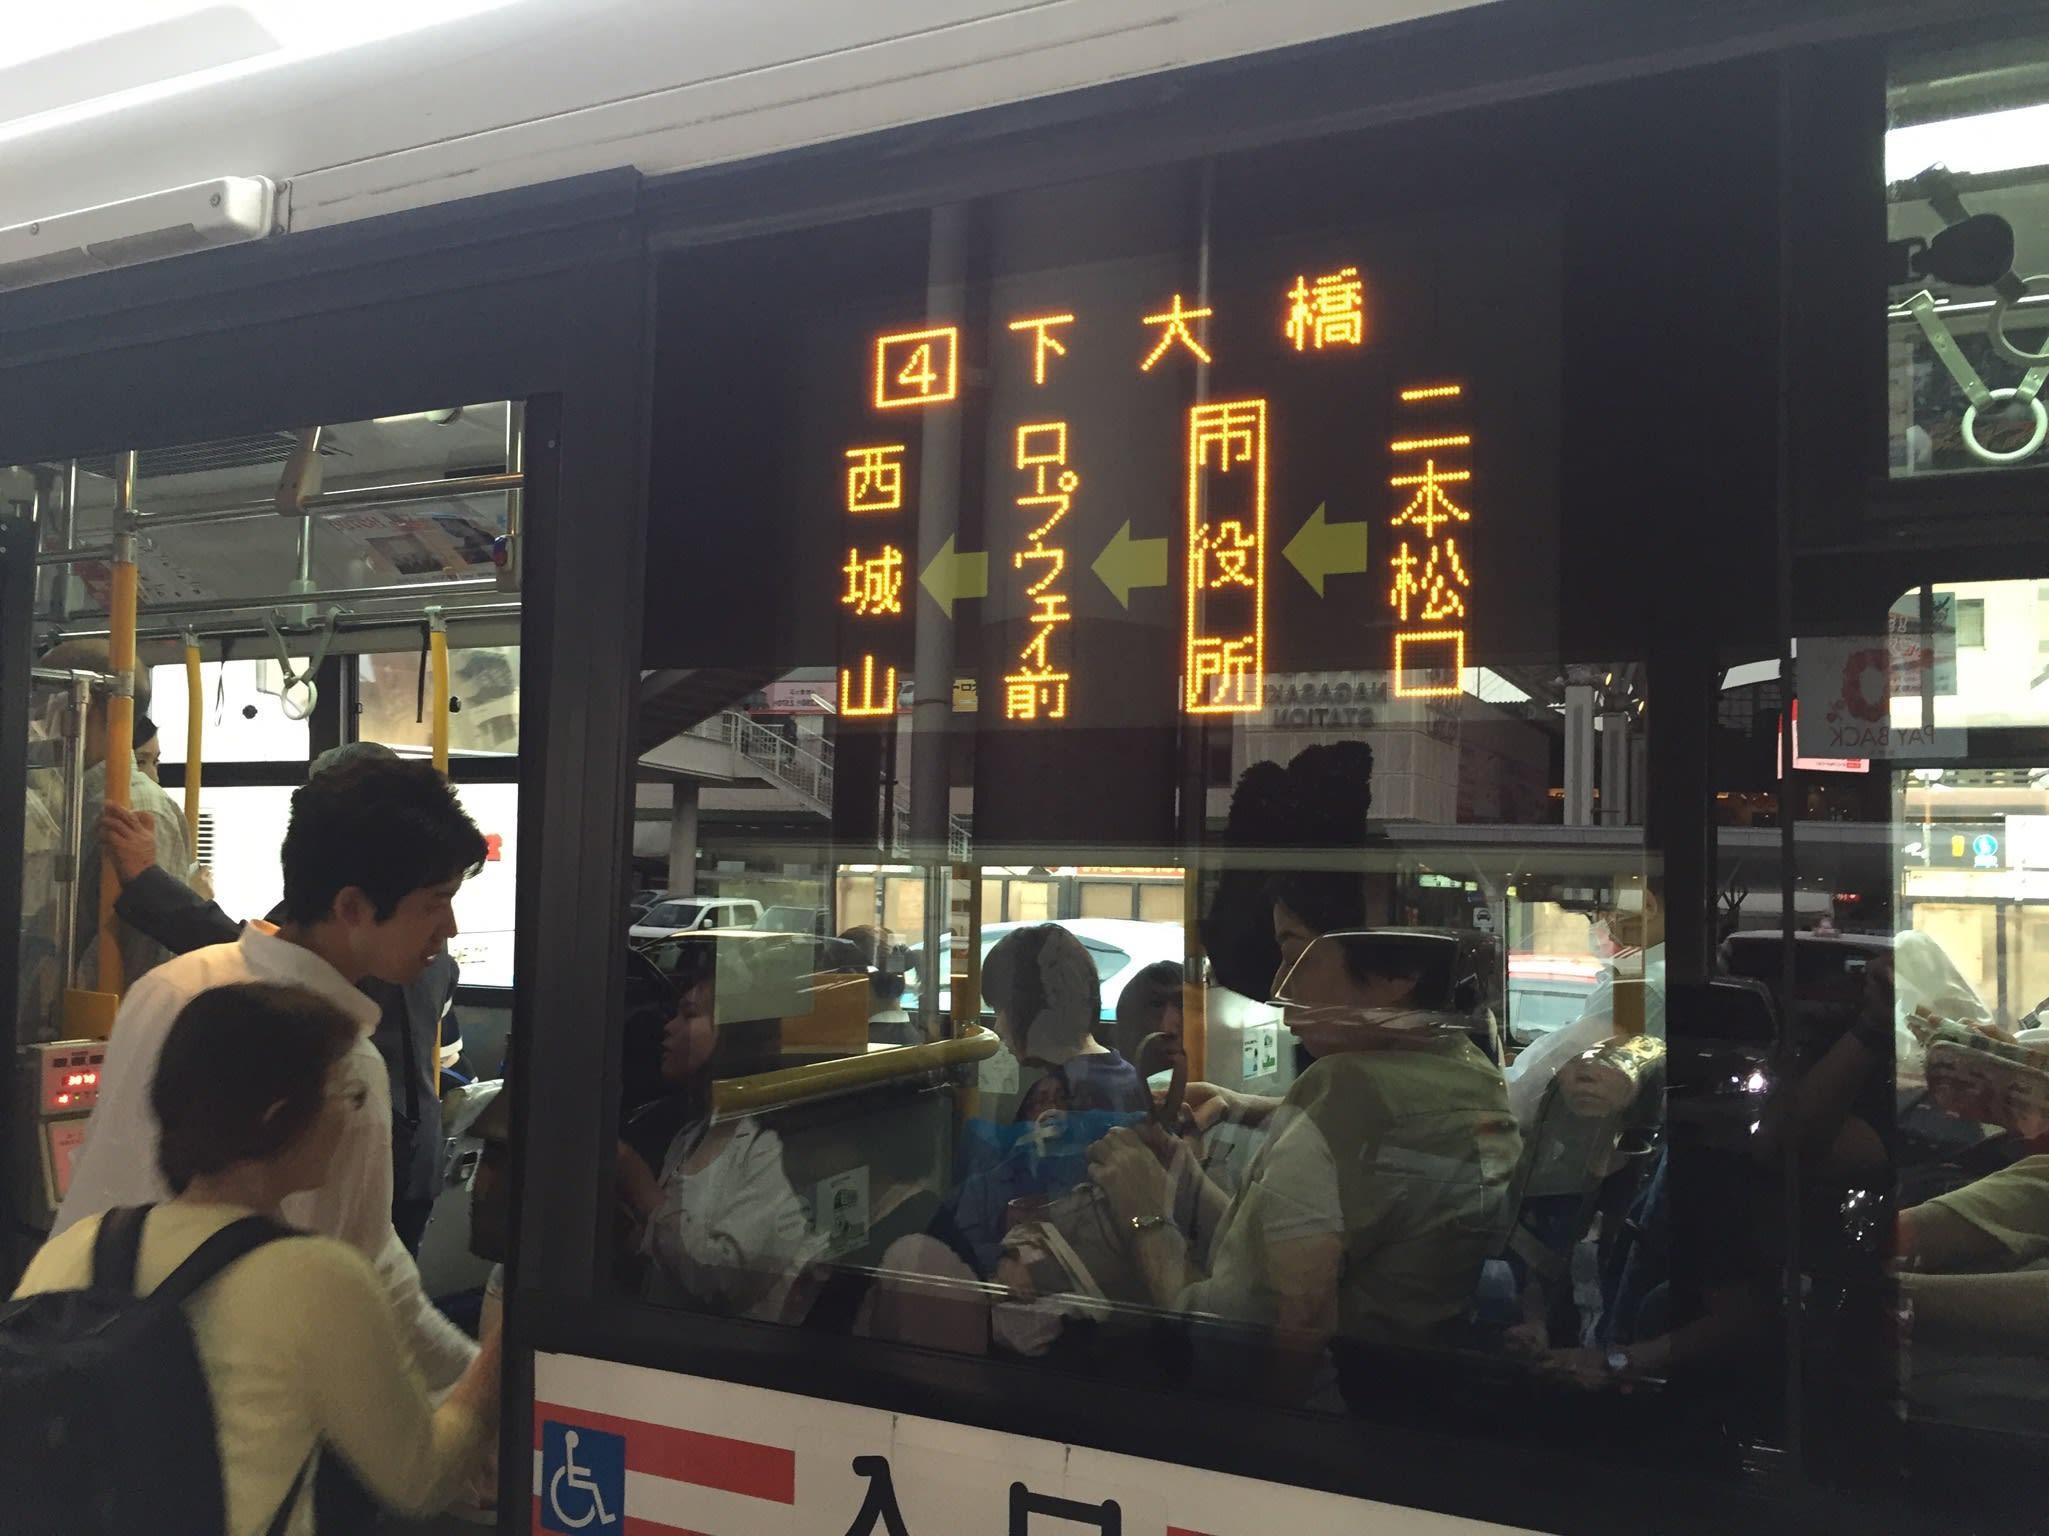 4 路 公 車 前 往 稻 佐 山 , 記 得 要 先 抽 票 上 車 唷 !